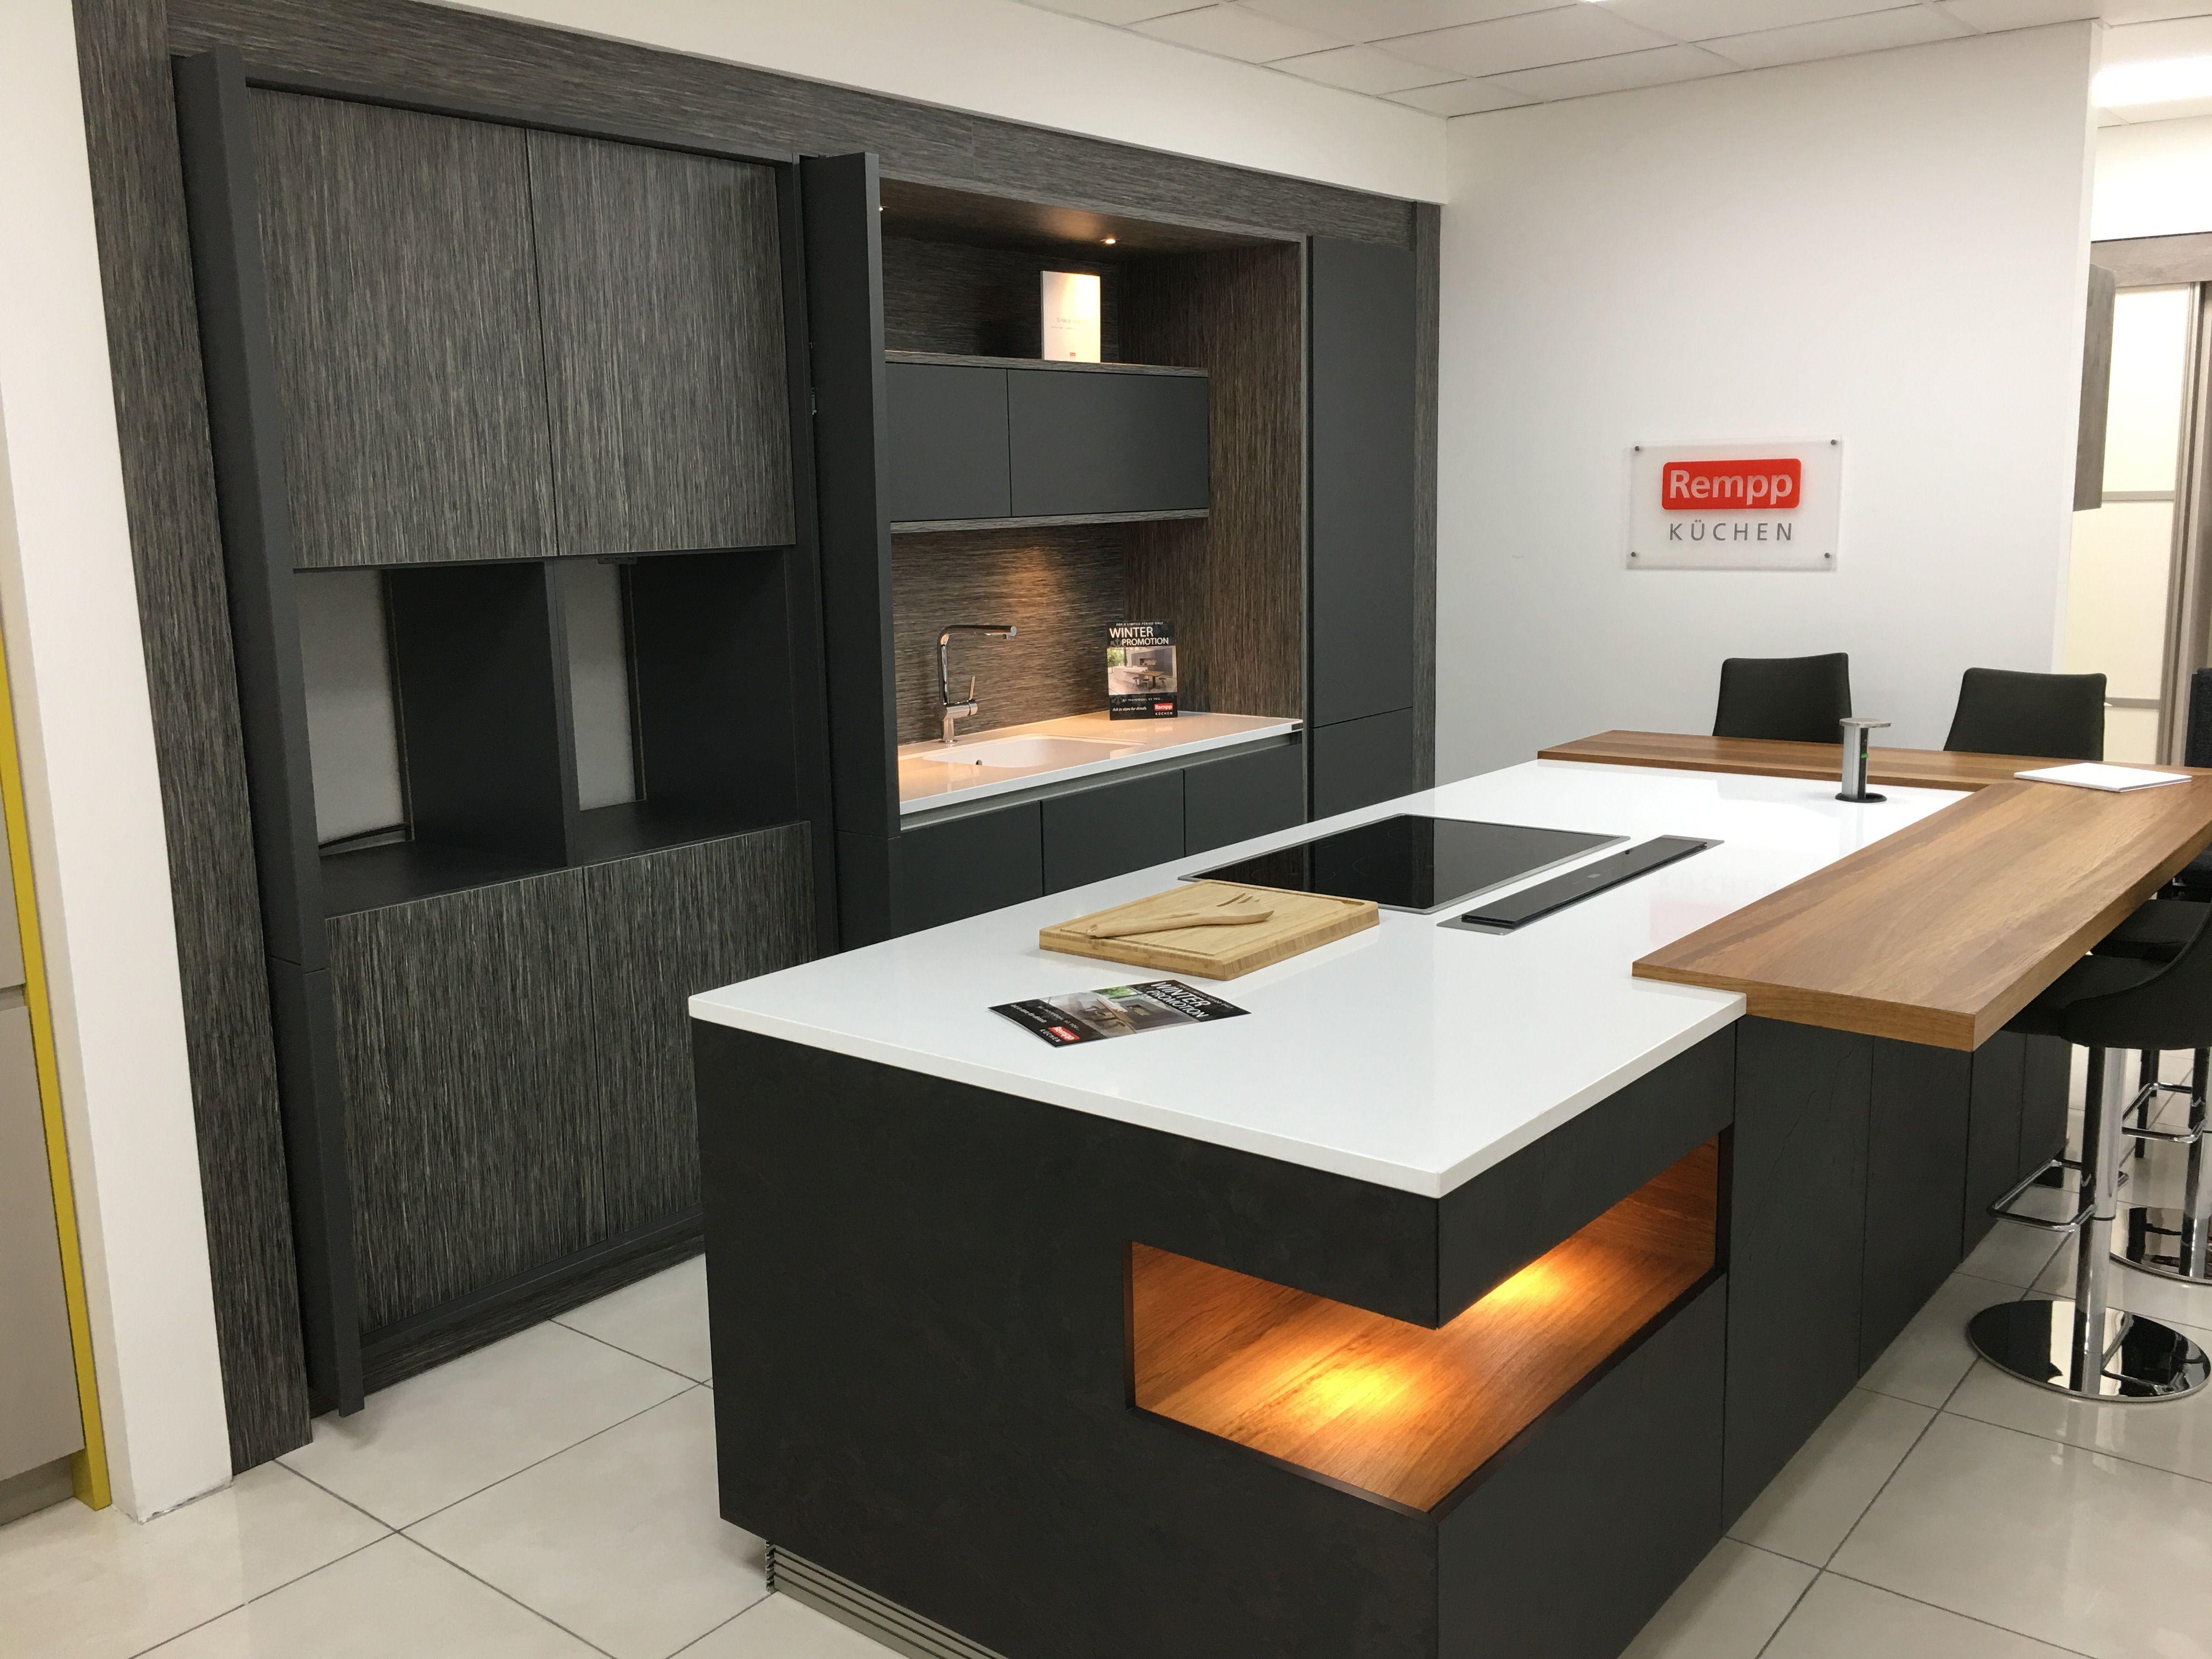 . Ex Display Rempp Kitchen  Island and Silestone Worktops   Darren